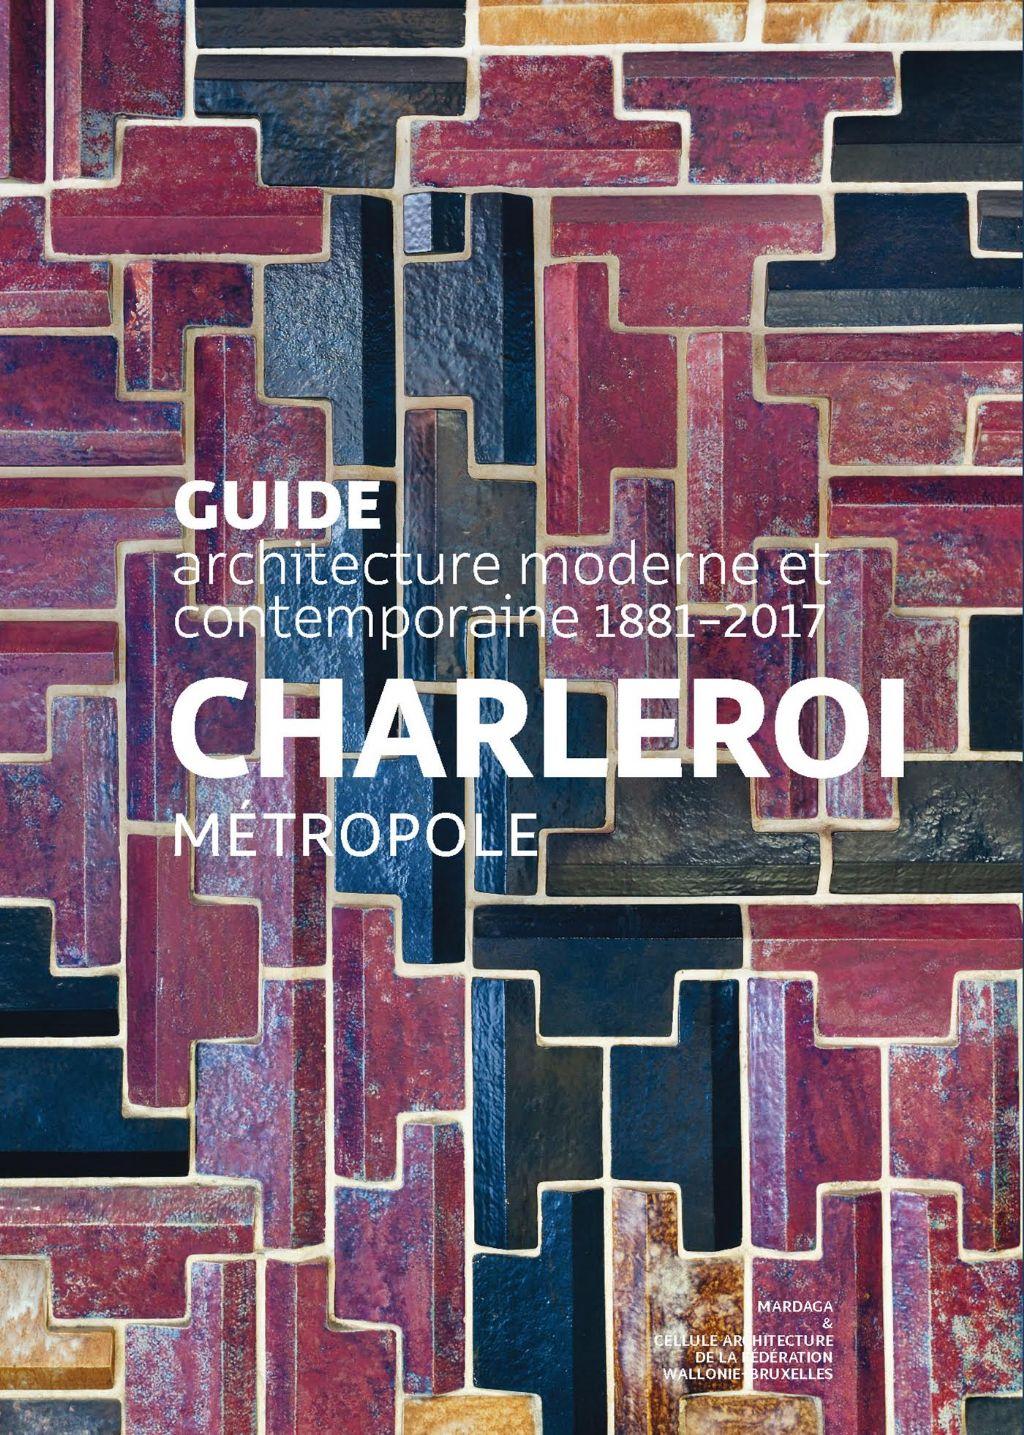 La métropole carolo a enfin son guide d'architecture moderne